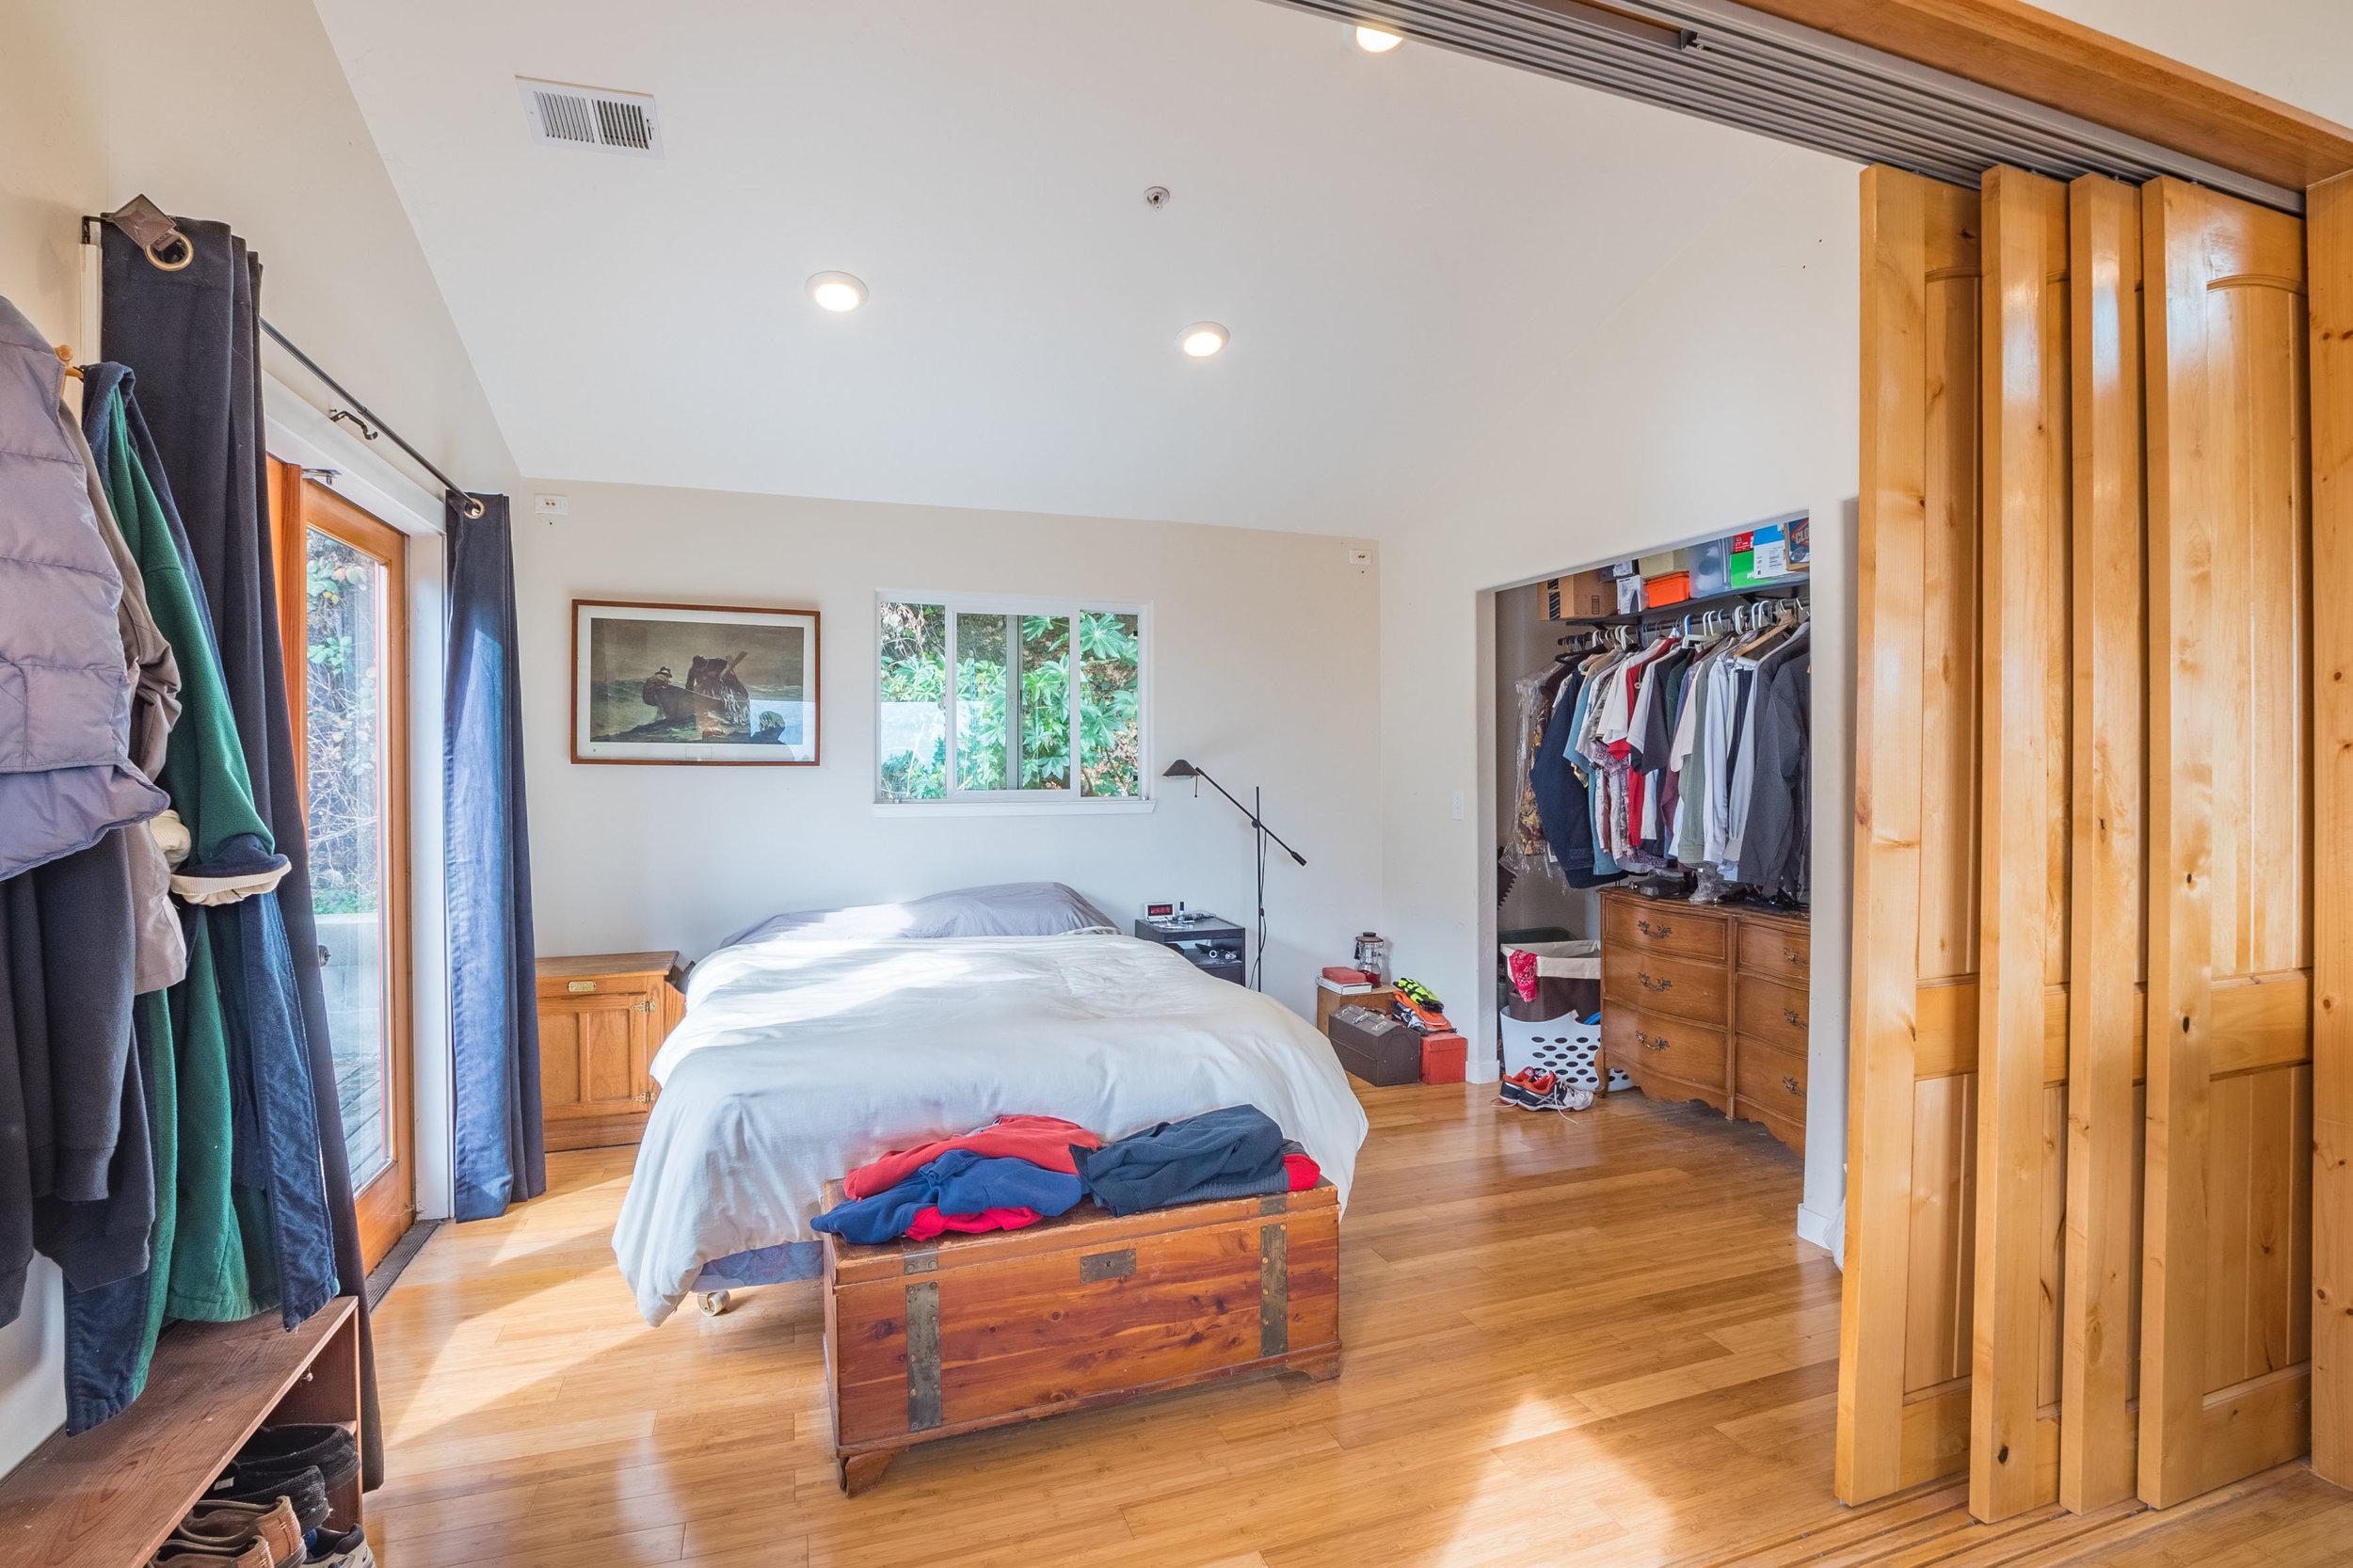 Rental Property in Santa Cruz, California